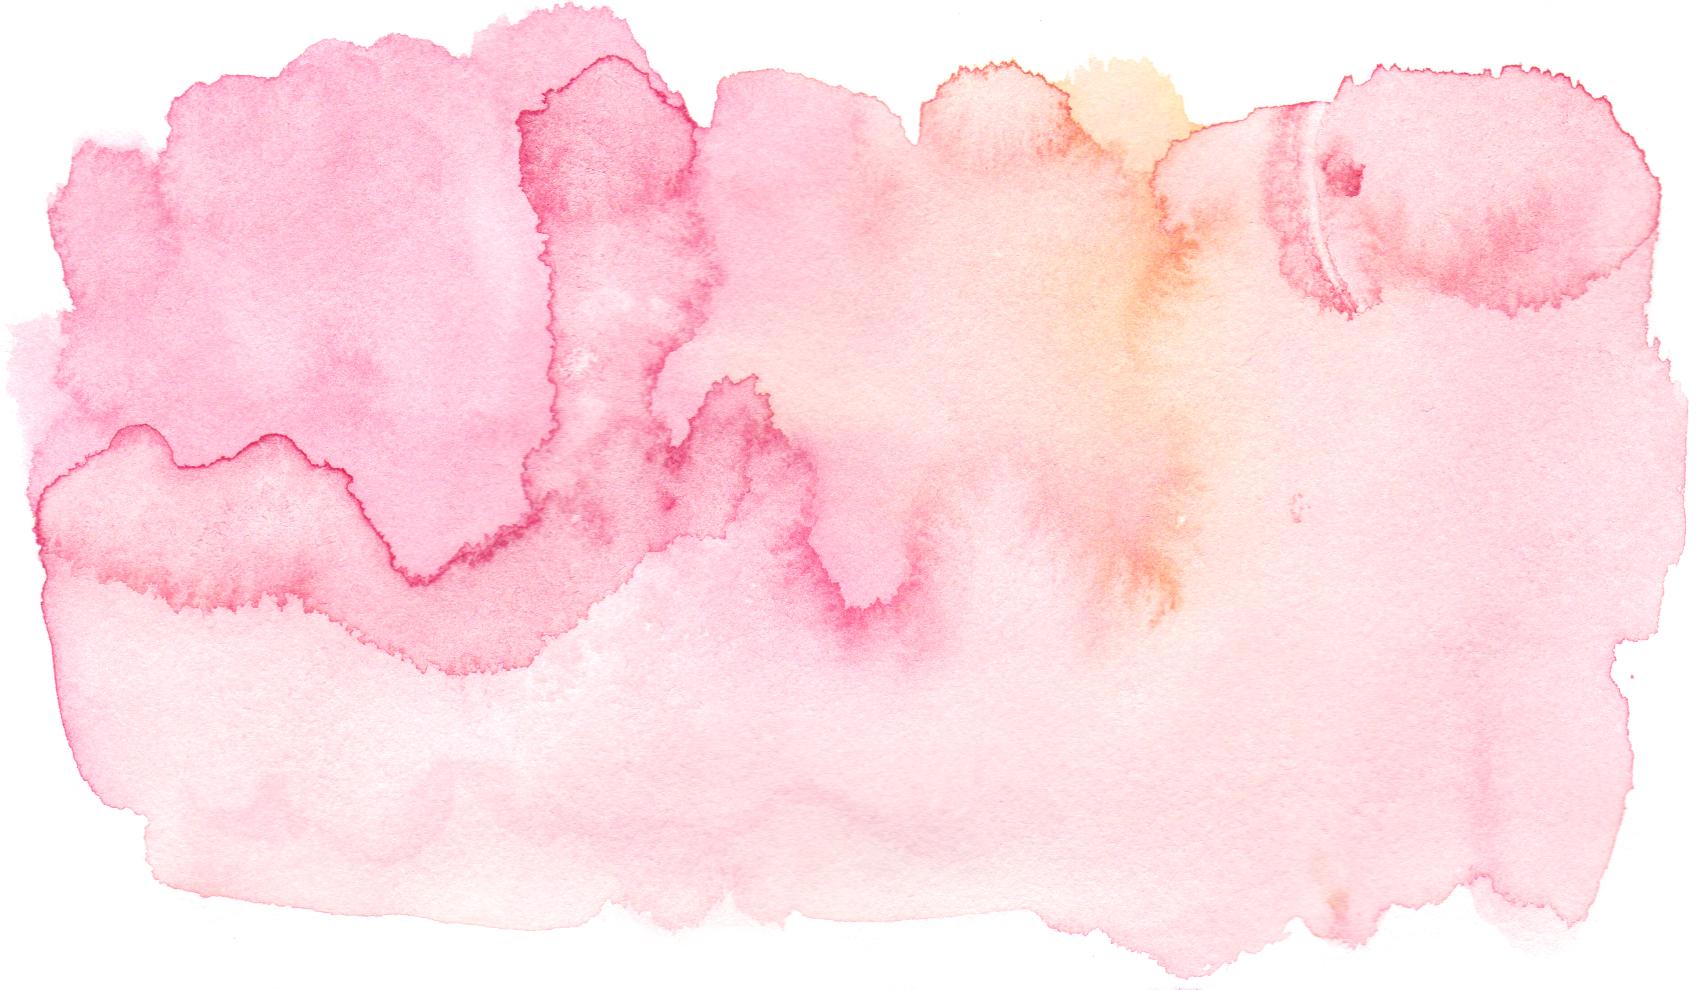 watercolor texture _MGaber 19.jpg